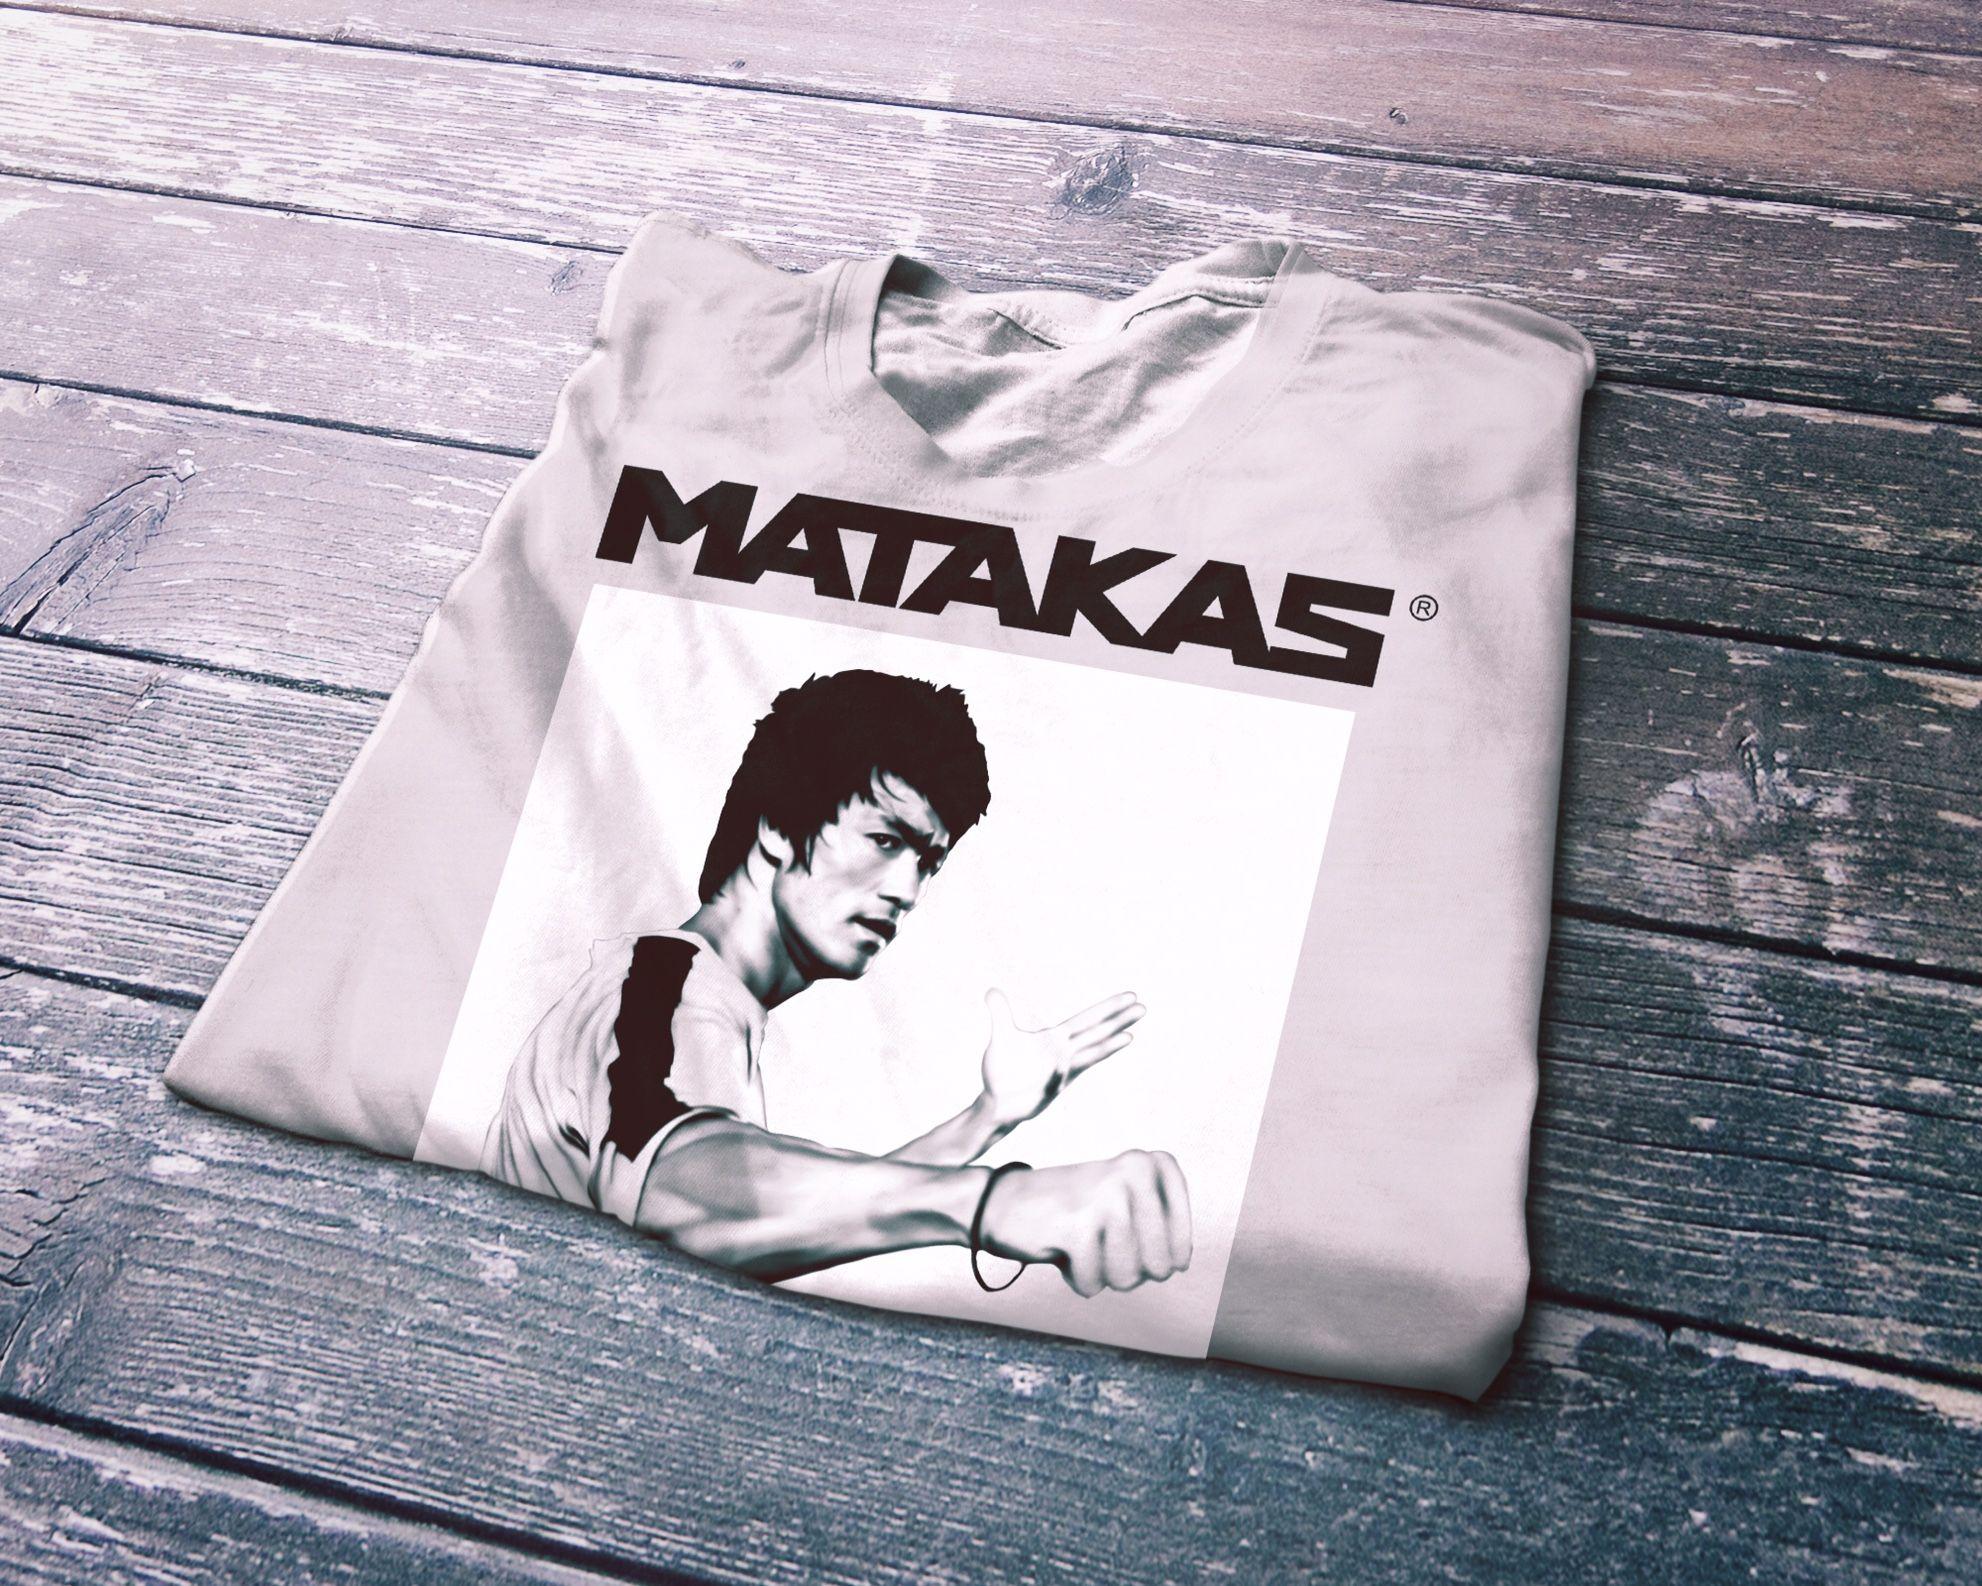 Linea de camisetas promocionales